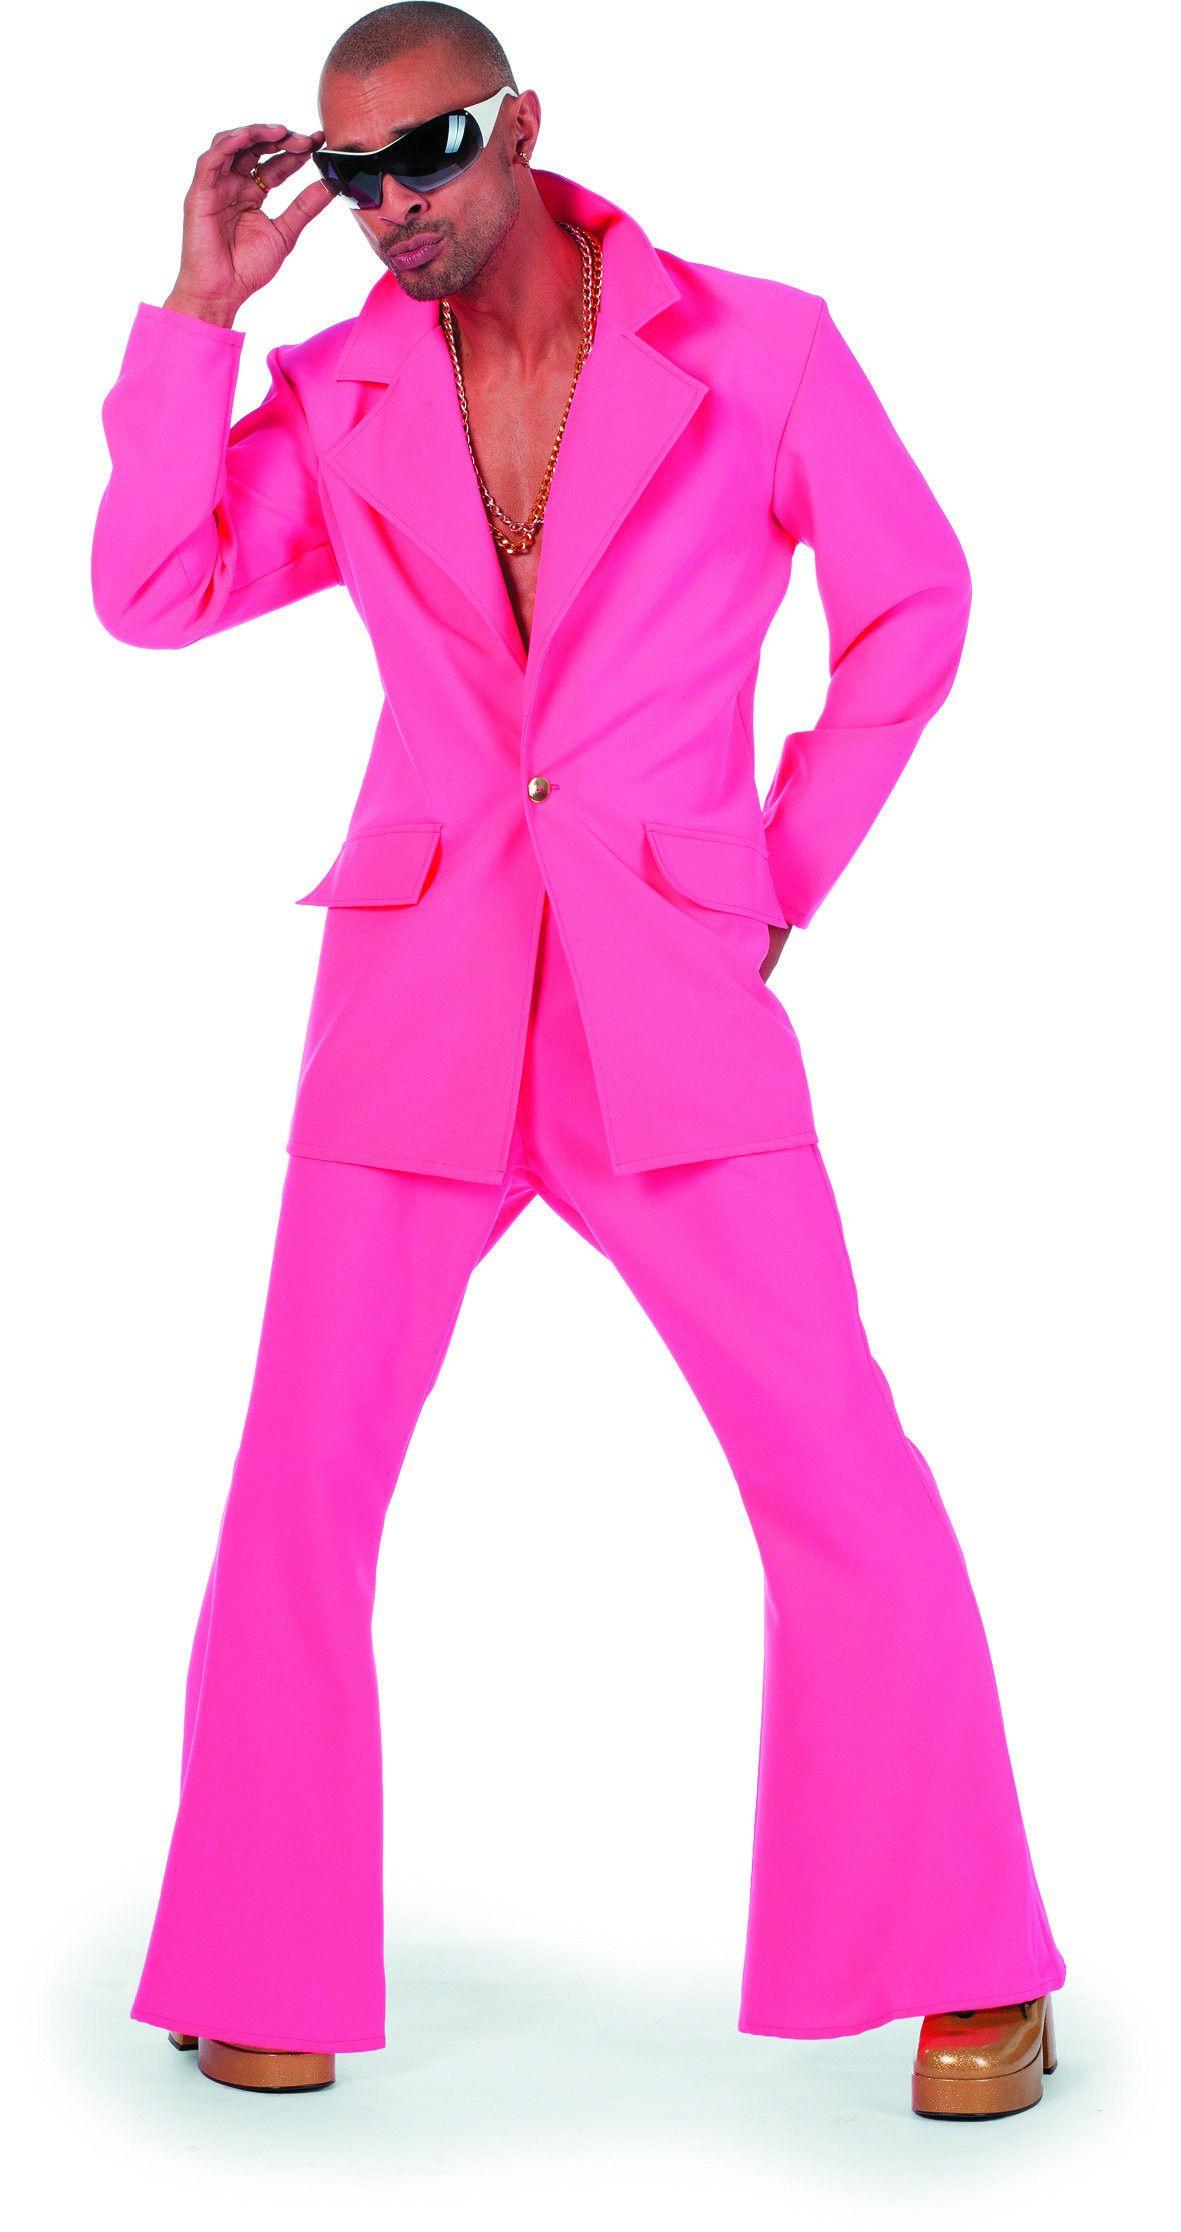 Dancing Pink Disco Fever Man Kostuum